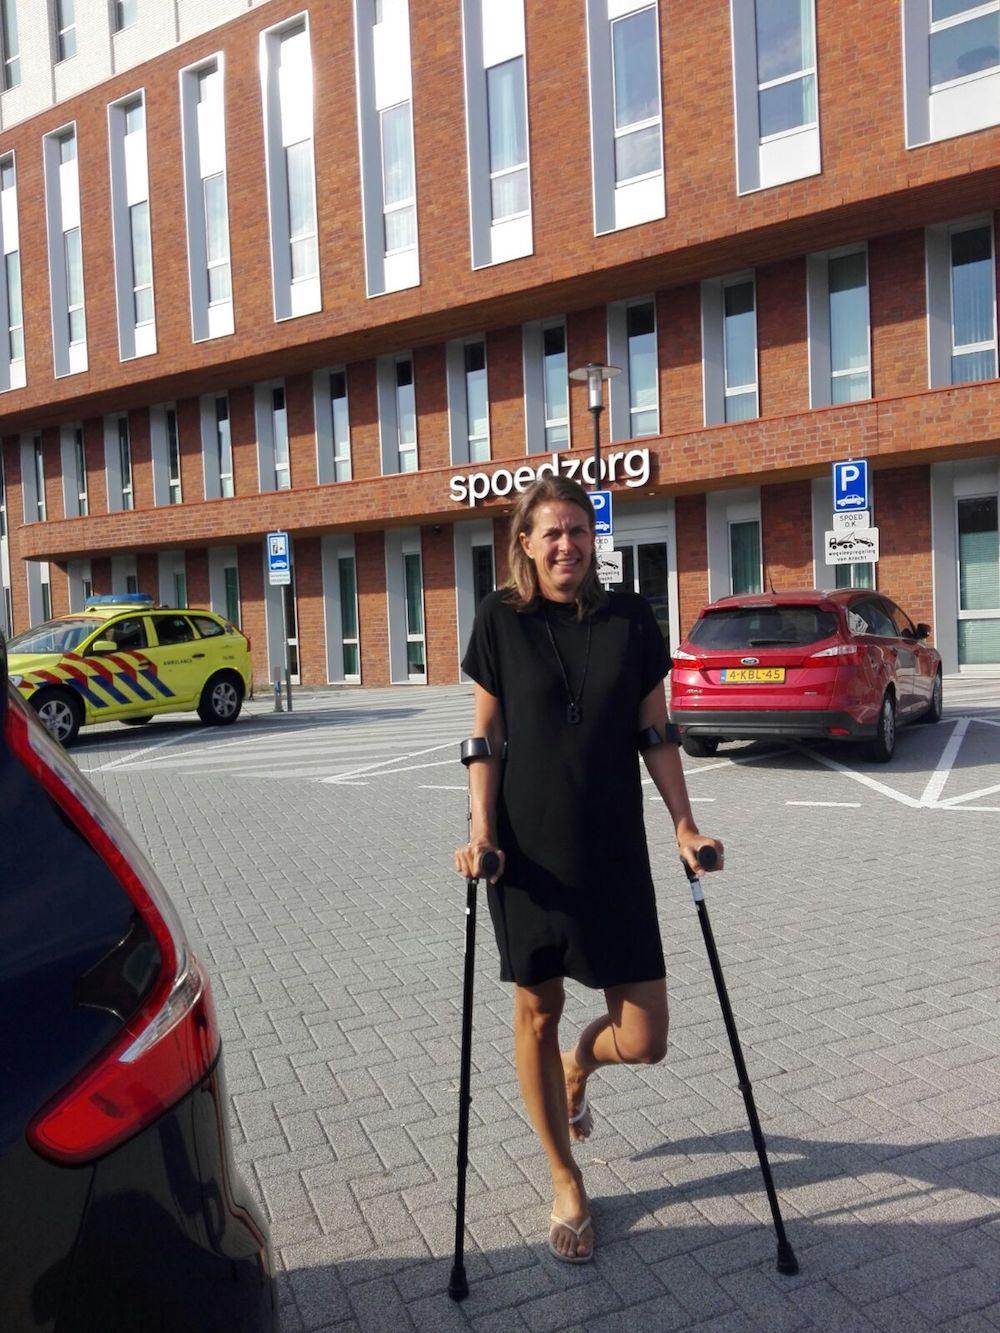 Voor het ziekenhuis met een gebroken teen.